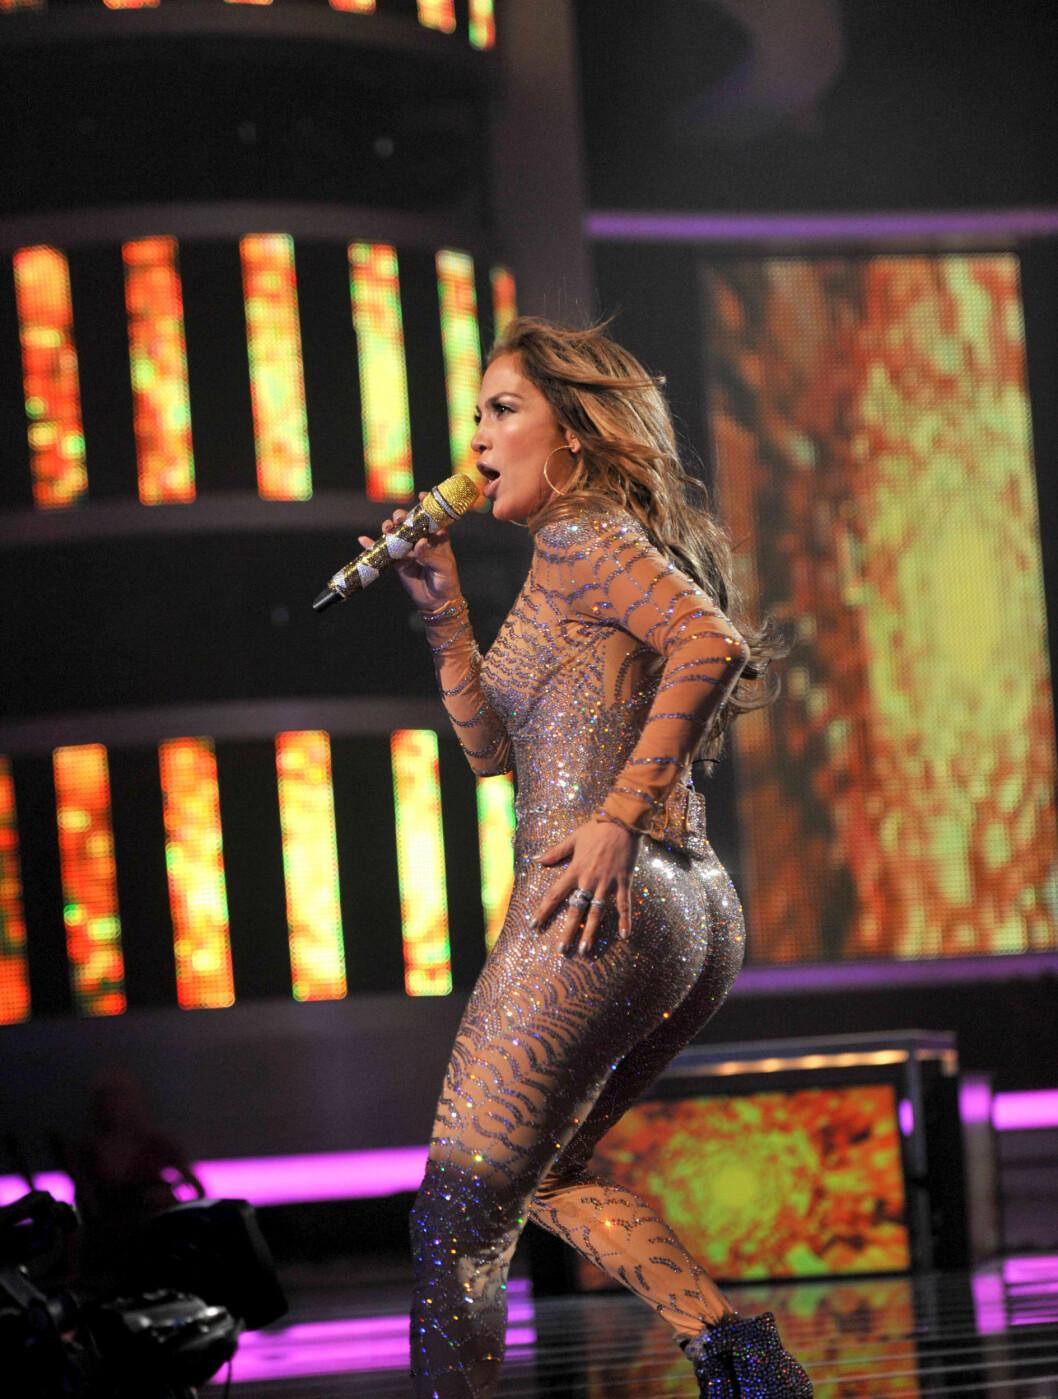 OGSÅ GJENNOMSIKTIG I FRANKRIKE: Jennifer Lopez viser også fram formene i gjennomsiktige klær. Her iført kun en trang drakt, mens hun opptrer på X Factor i Paris.  Foto: Fame Flynet